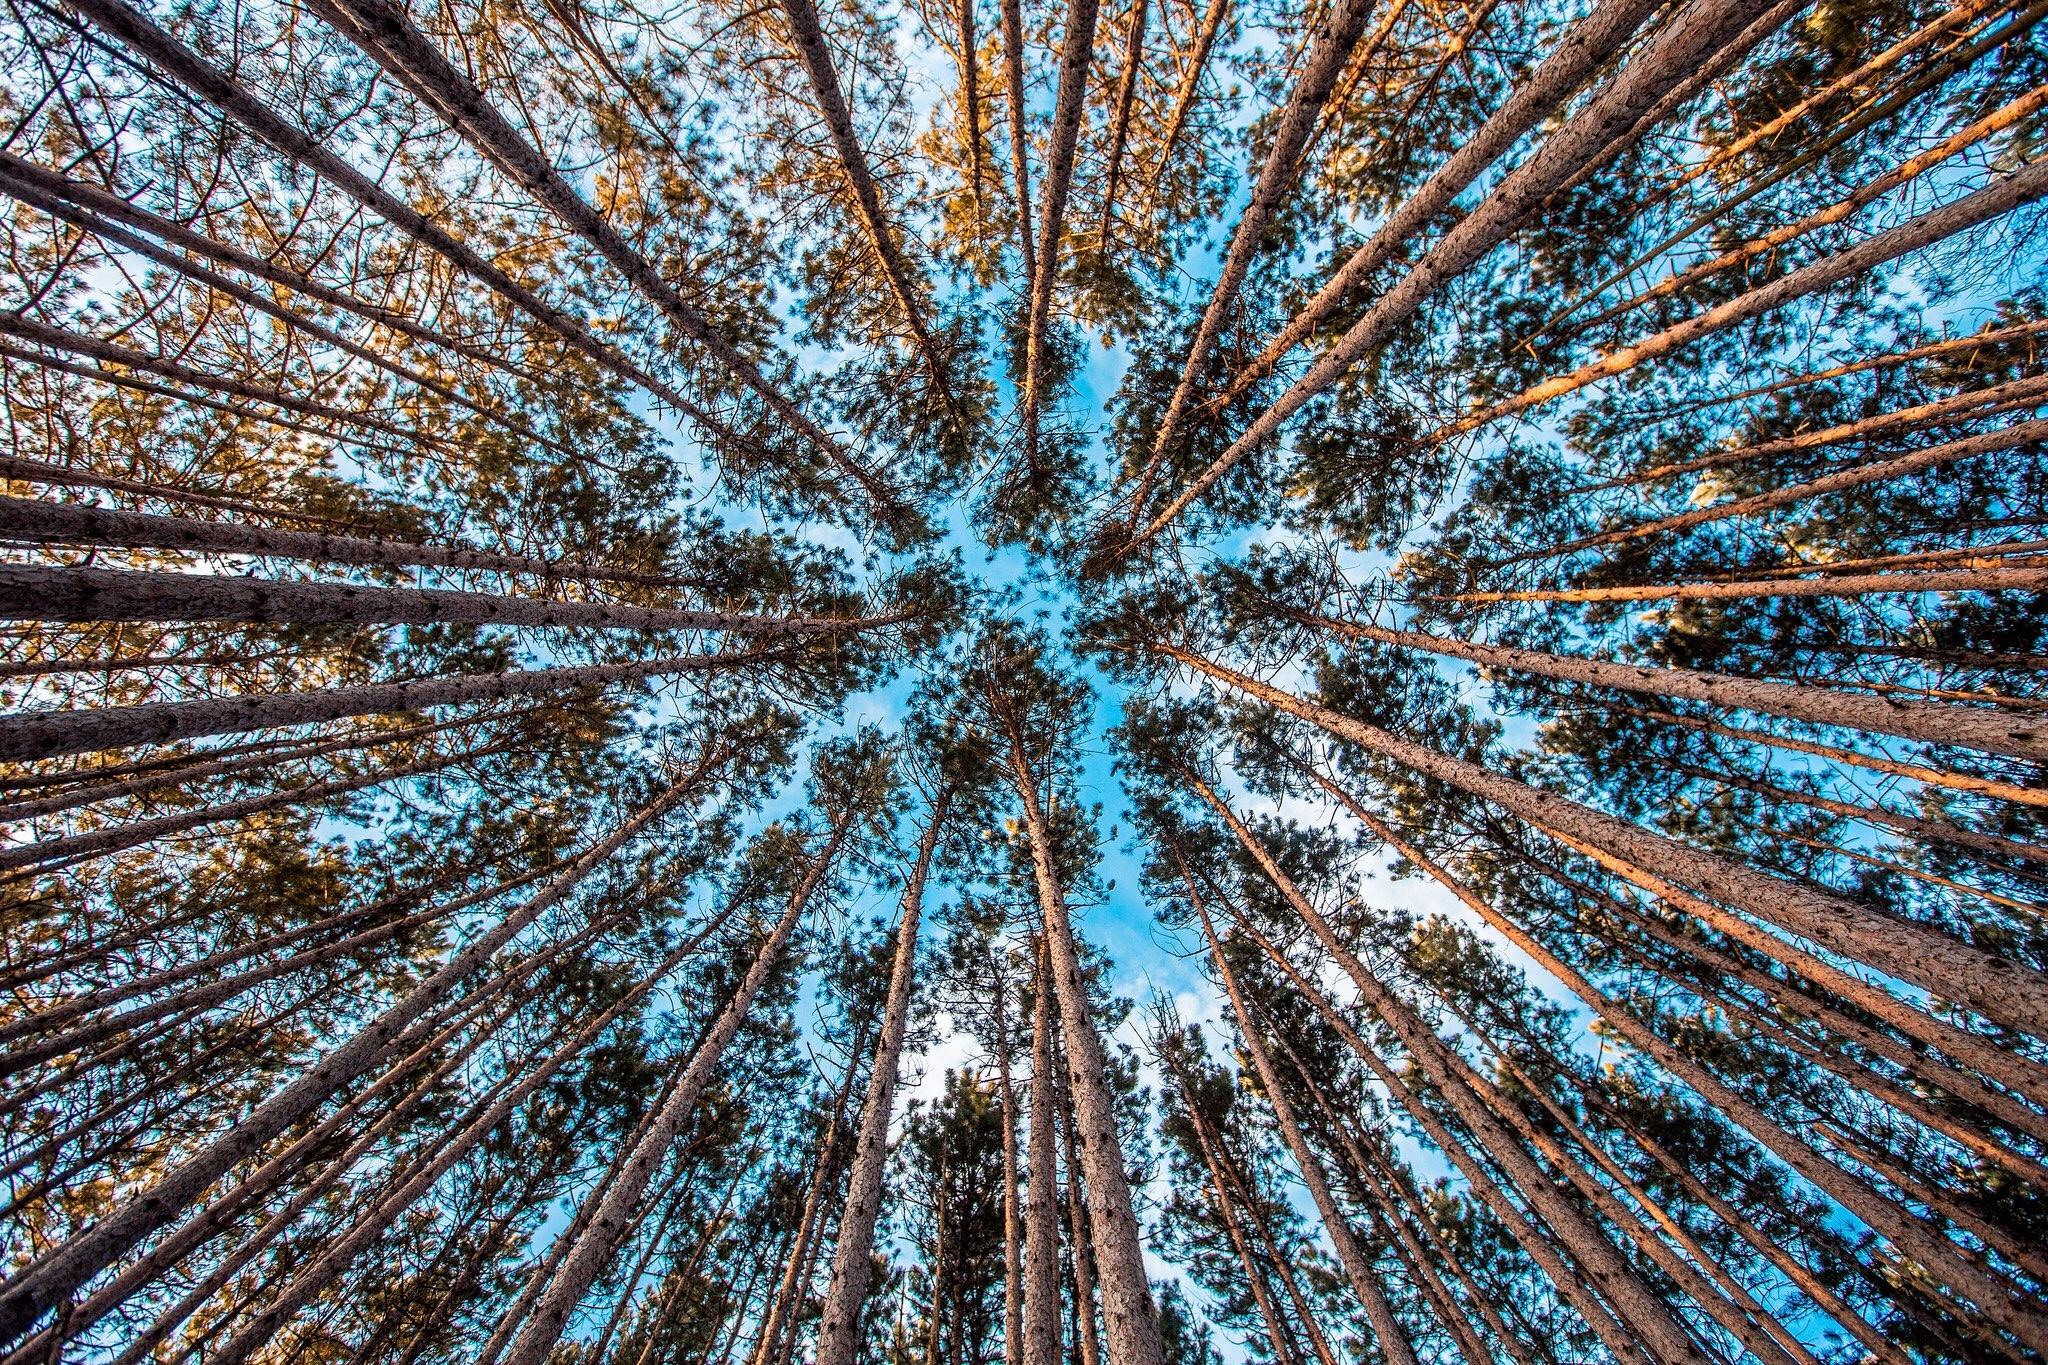 Fotos gratis : árbol, naturaleza, bosque, planta, cielo, hoja, flor ...